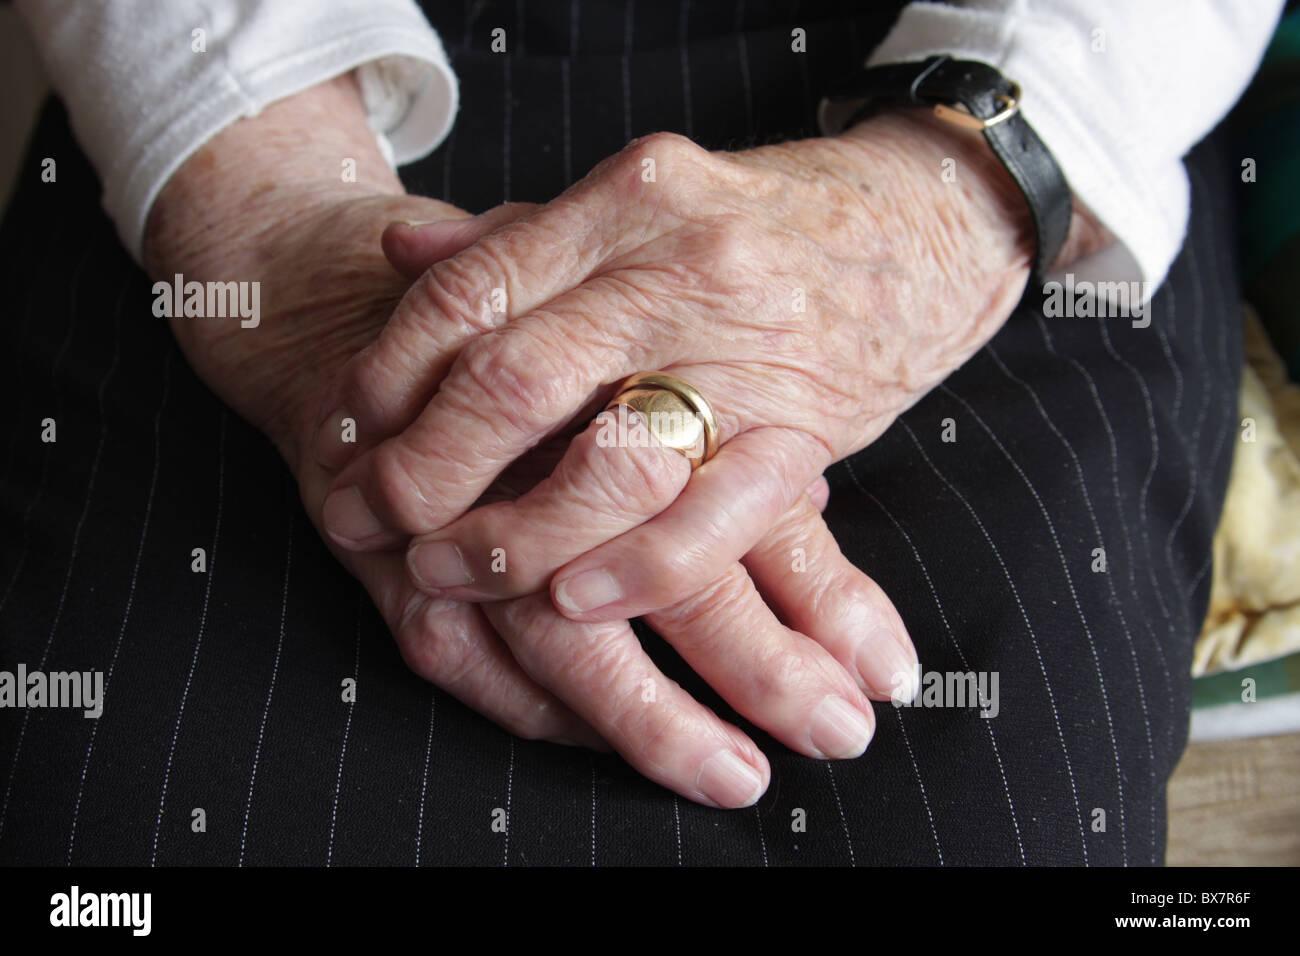 Eine ältere Womans Hände zeigen die Auswirkungen von Arthritis. Stockbild